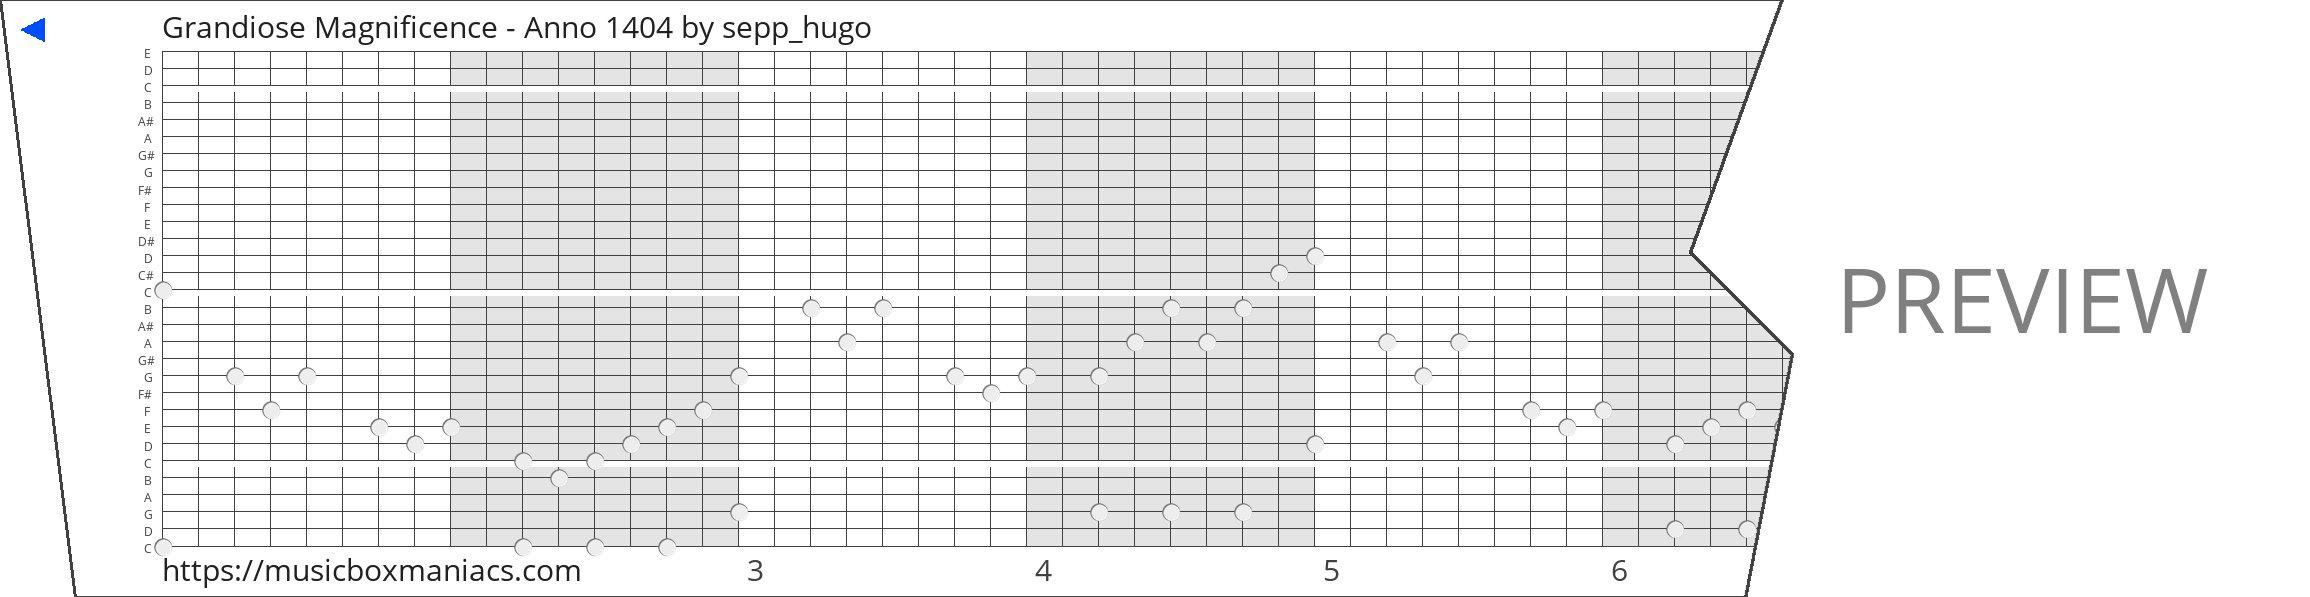 Grandiose Magnificence - Anno 1404 30 note music box paper strip